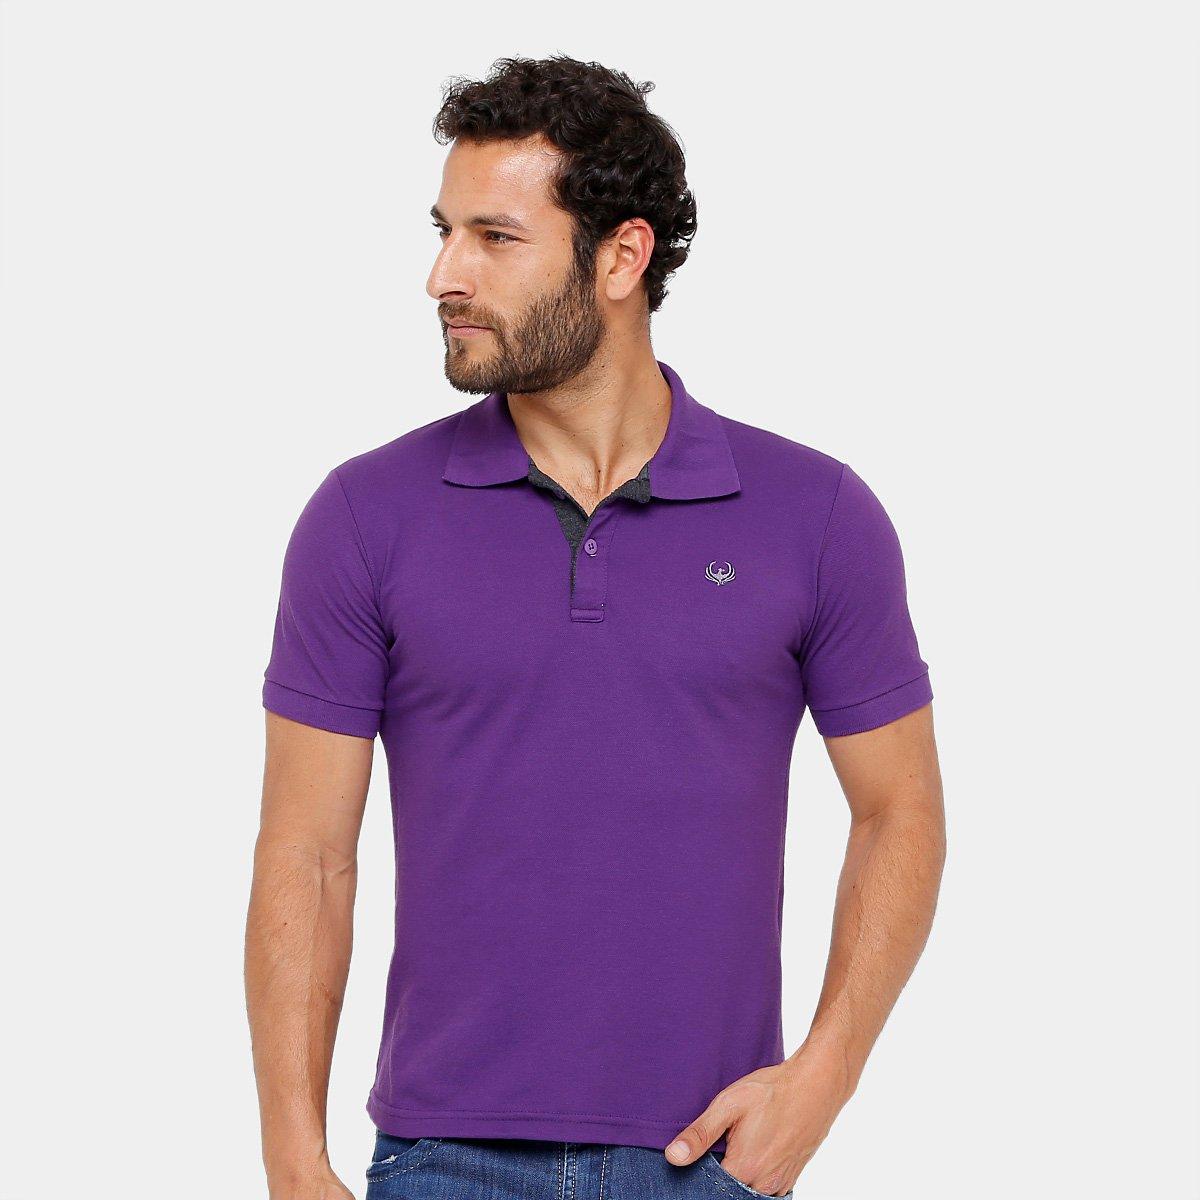 Camisa Polo Burn Piquet Masculina - Compre Agora  71bfdb57d5108